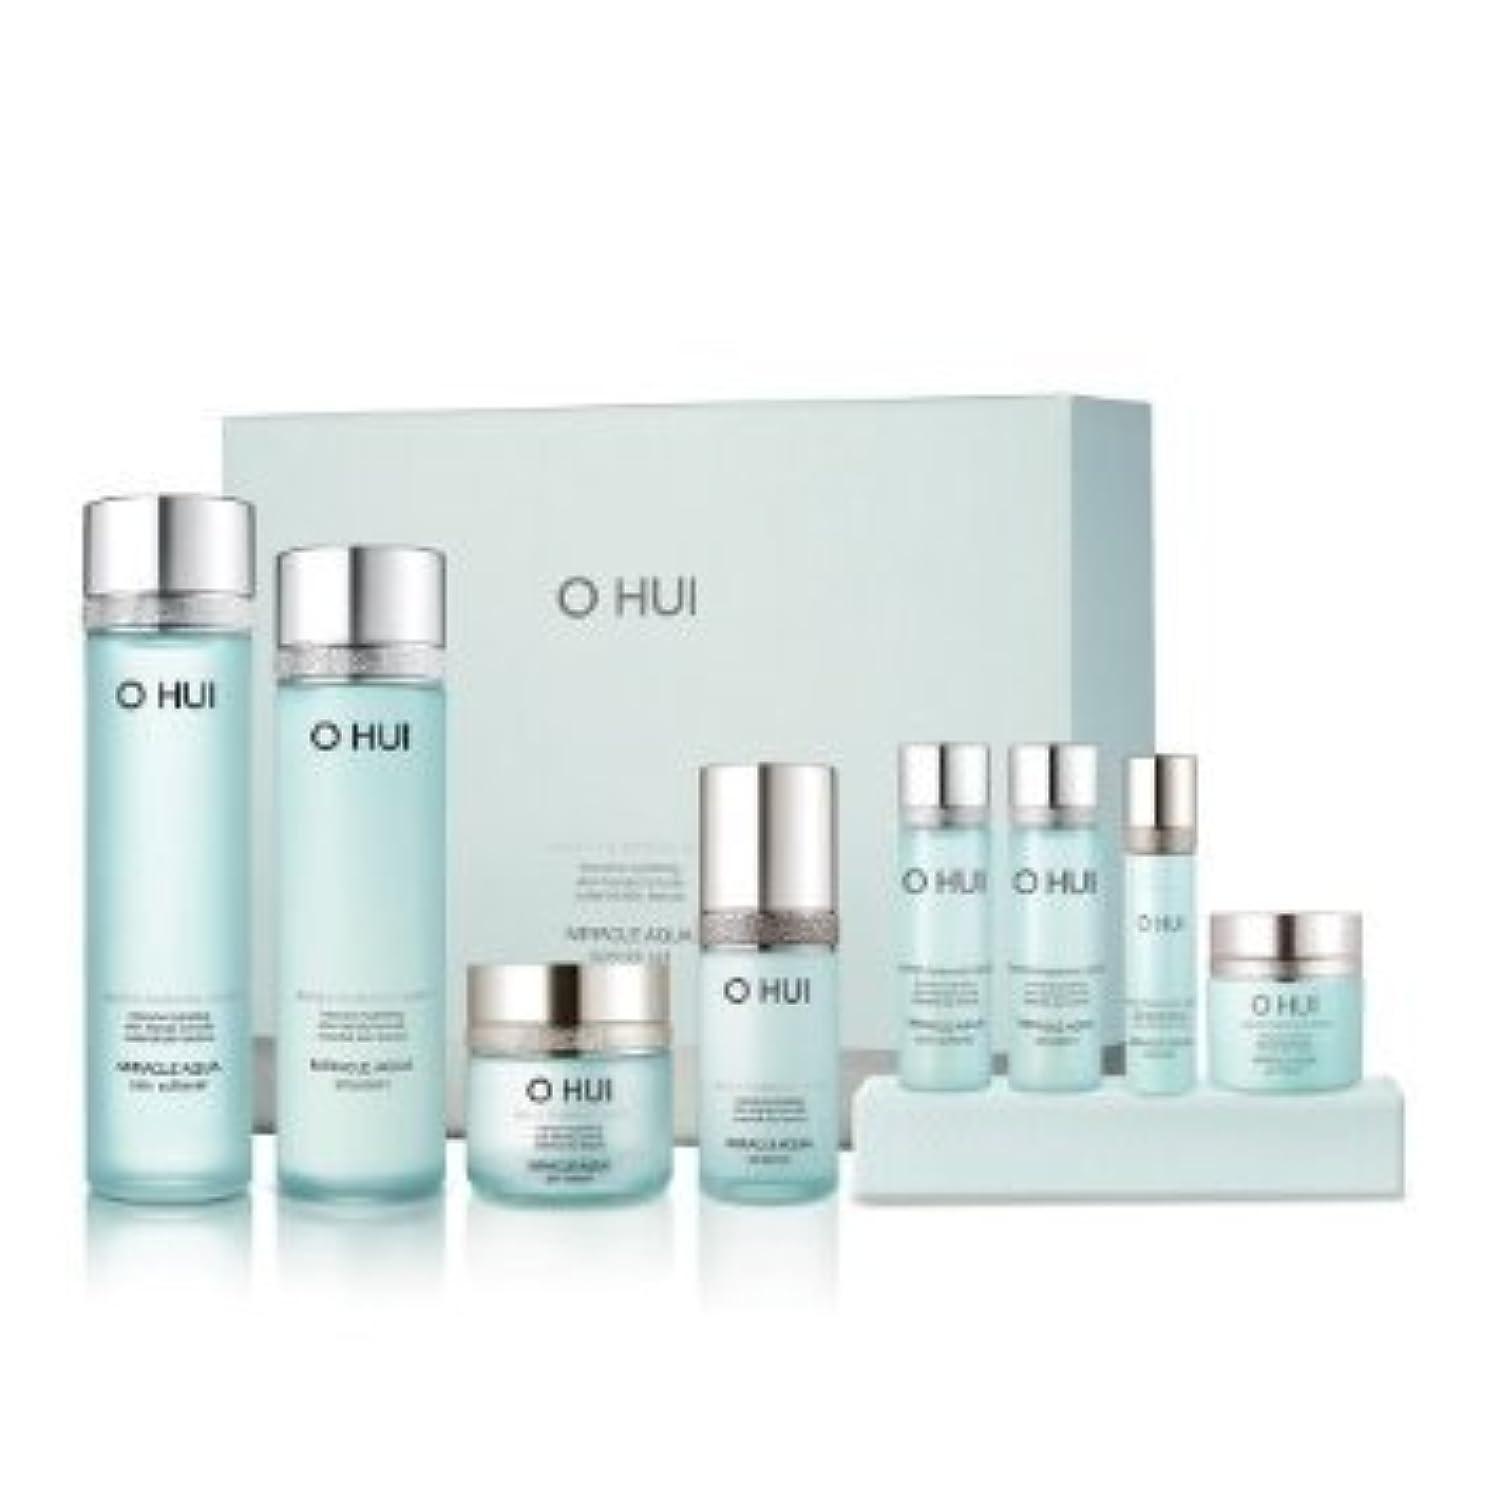 悪夢慢な間接的Ohui Miracle Aqua Basic 4-piece Special Gift Set[行輸入品]